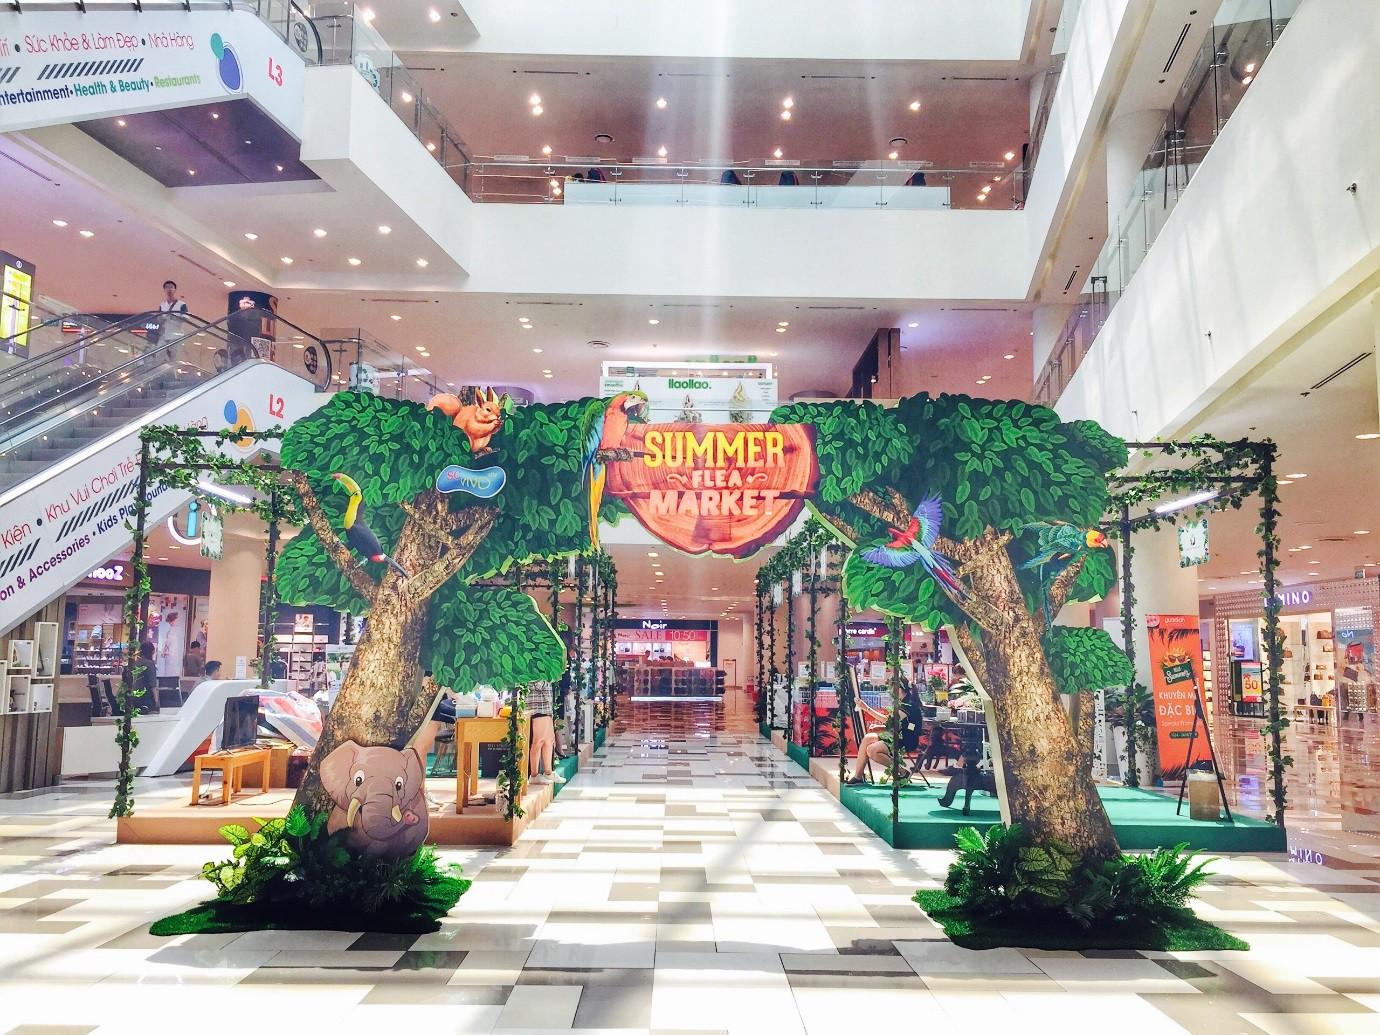 Phiên Chợ Mùa Hè tại SC VivoCity: Thiên đường dành cho mọi tín đồ mua sắm tại Sài Gòn - Ảnh 1.